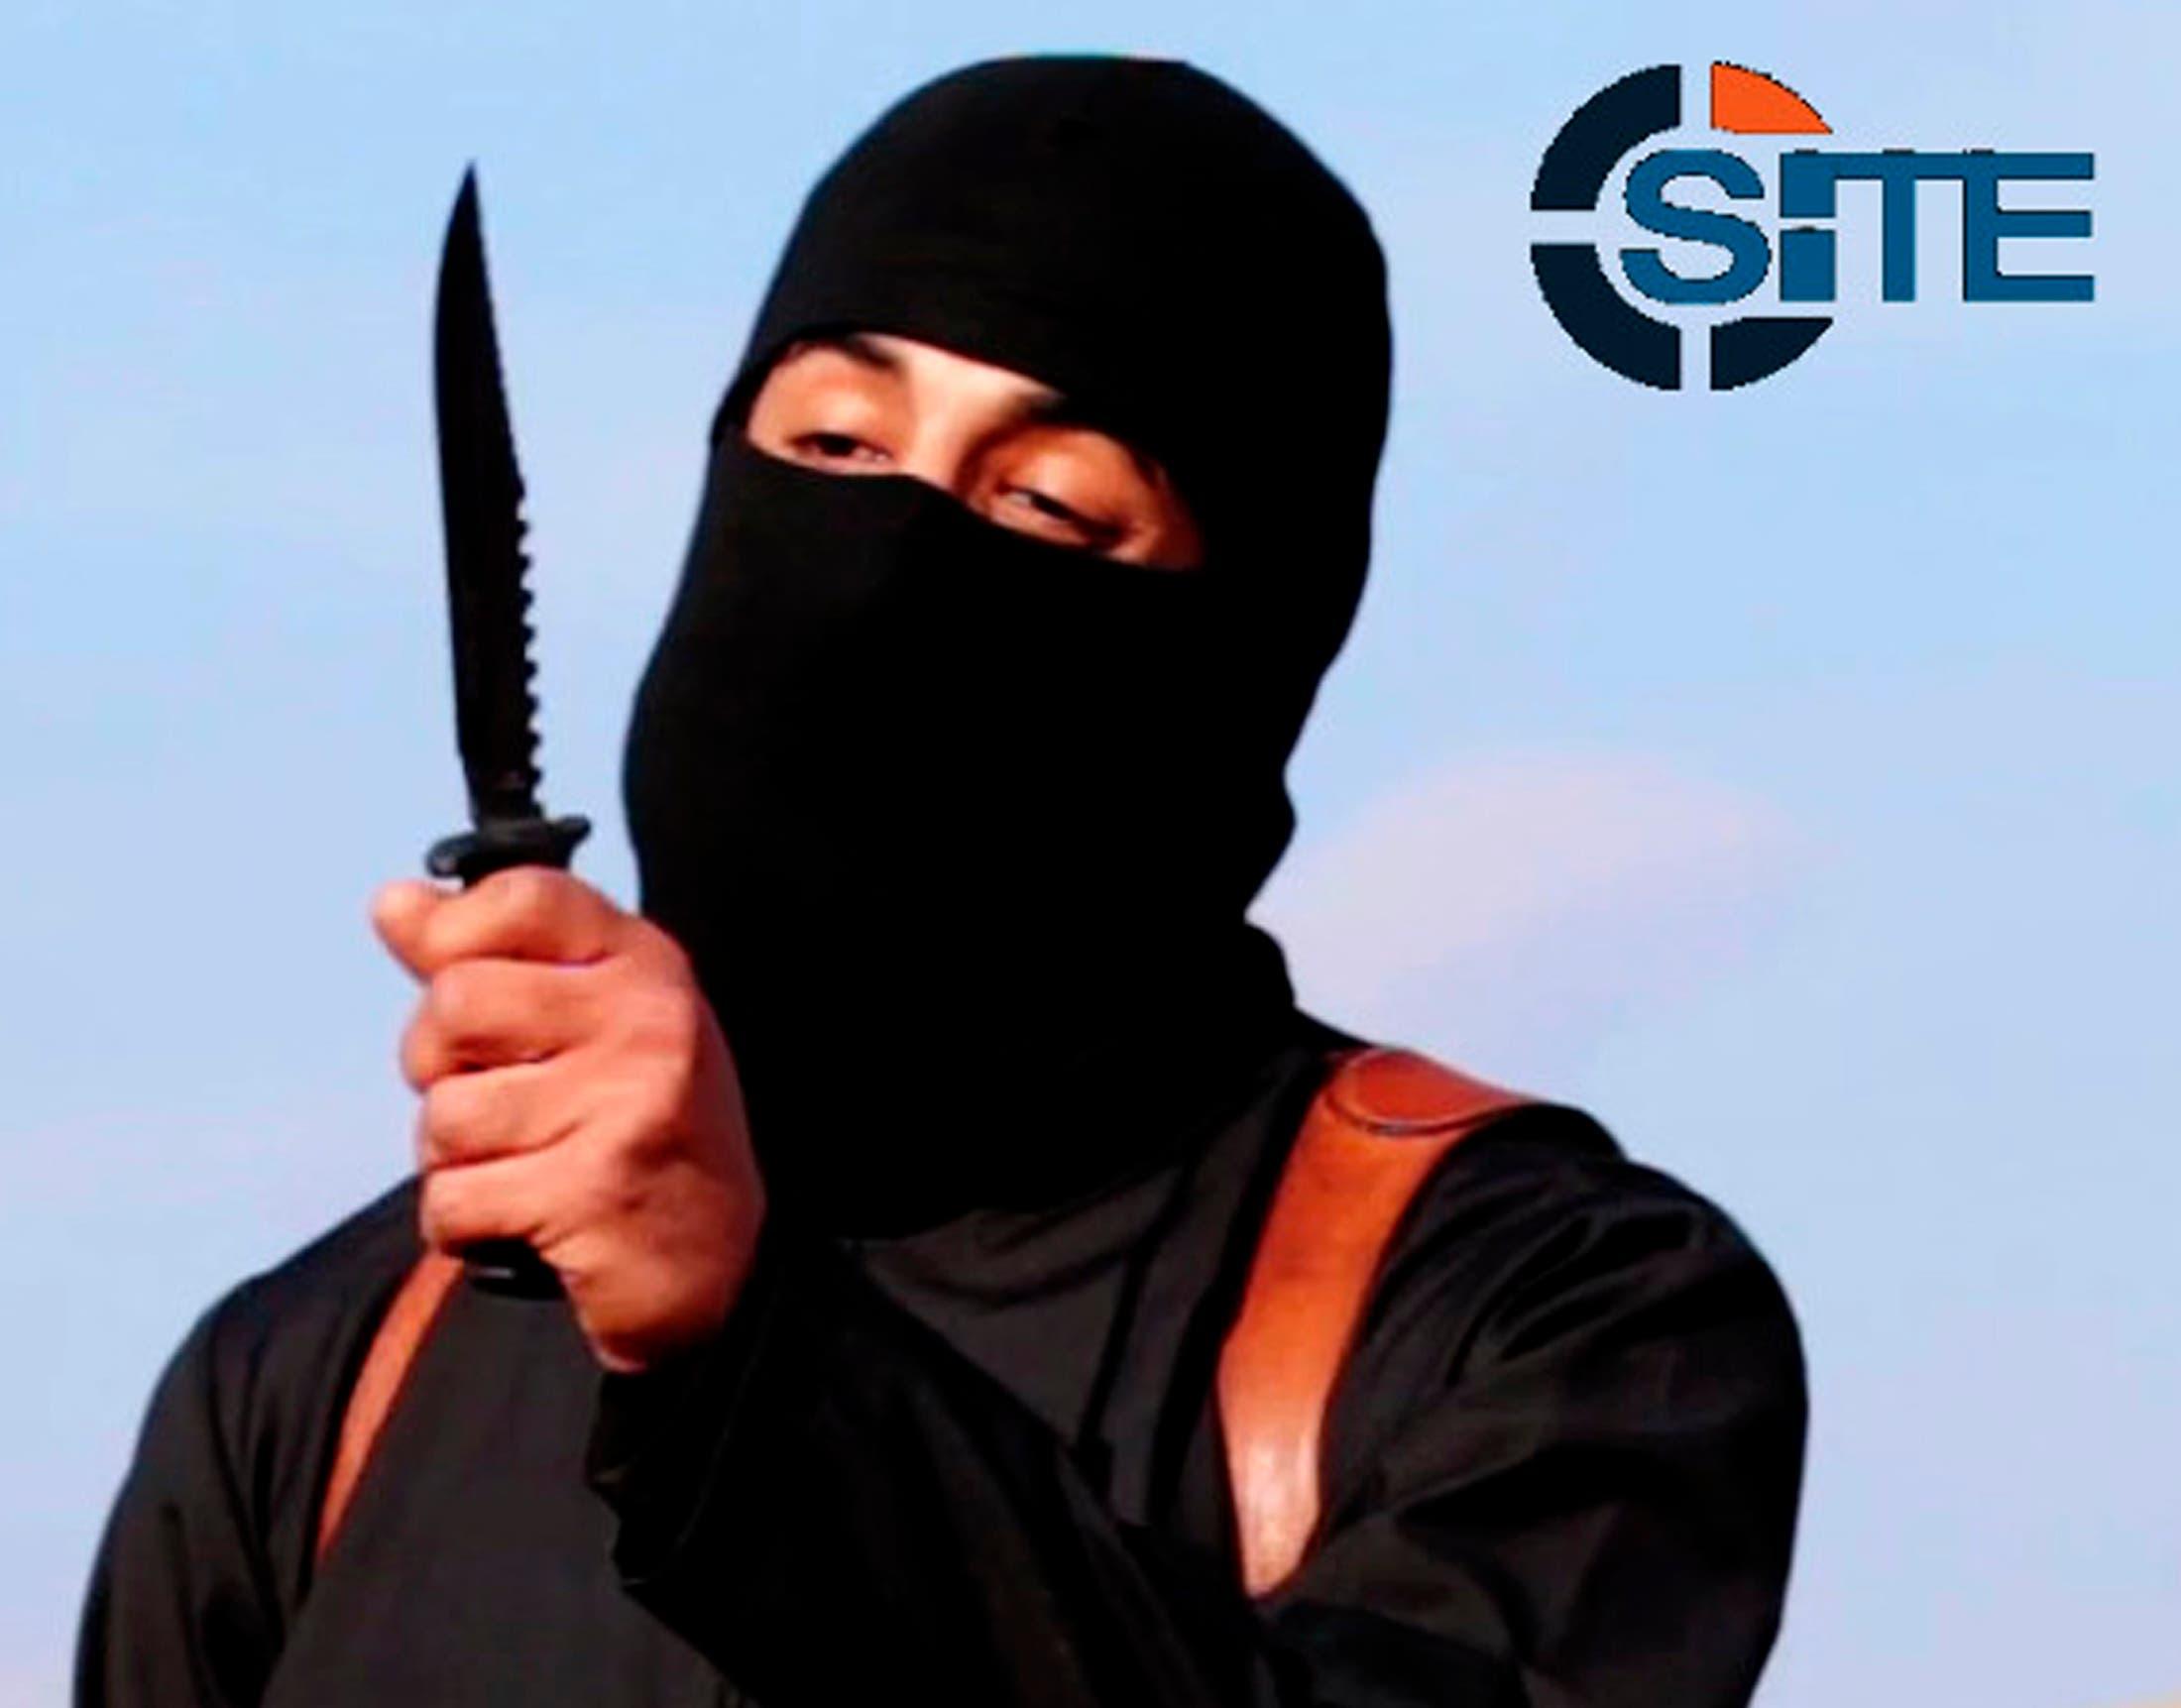 عنصر داعش المقتول محمد إموازي والمعروف باسم الجهادي جون